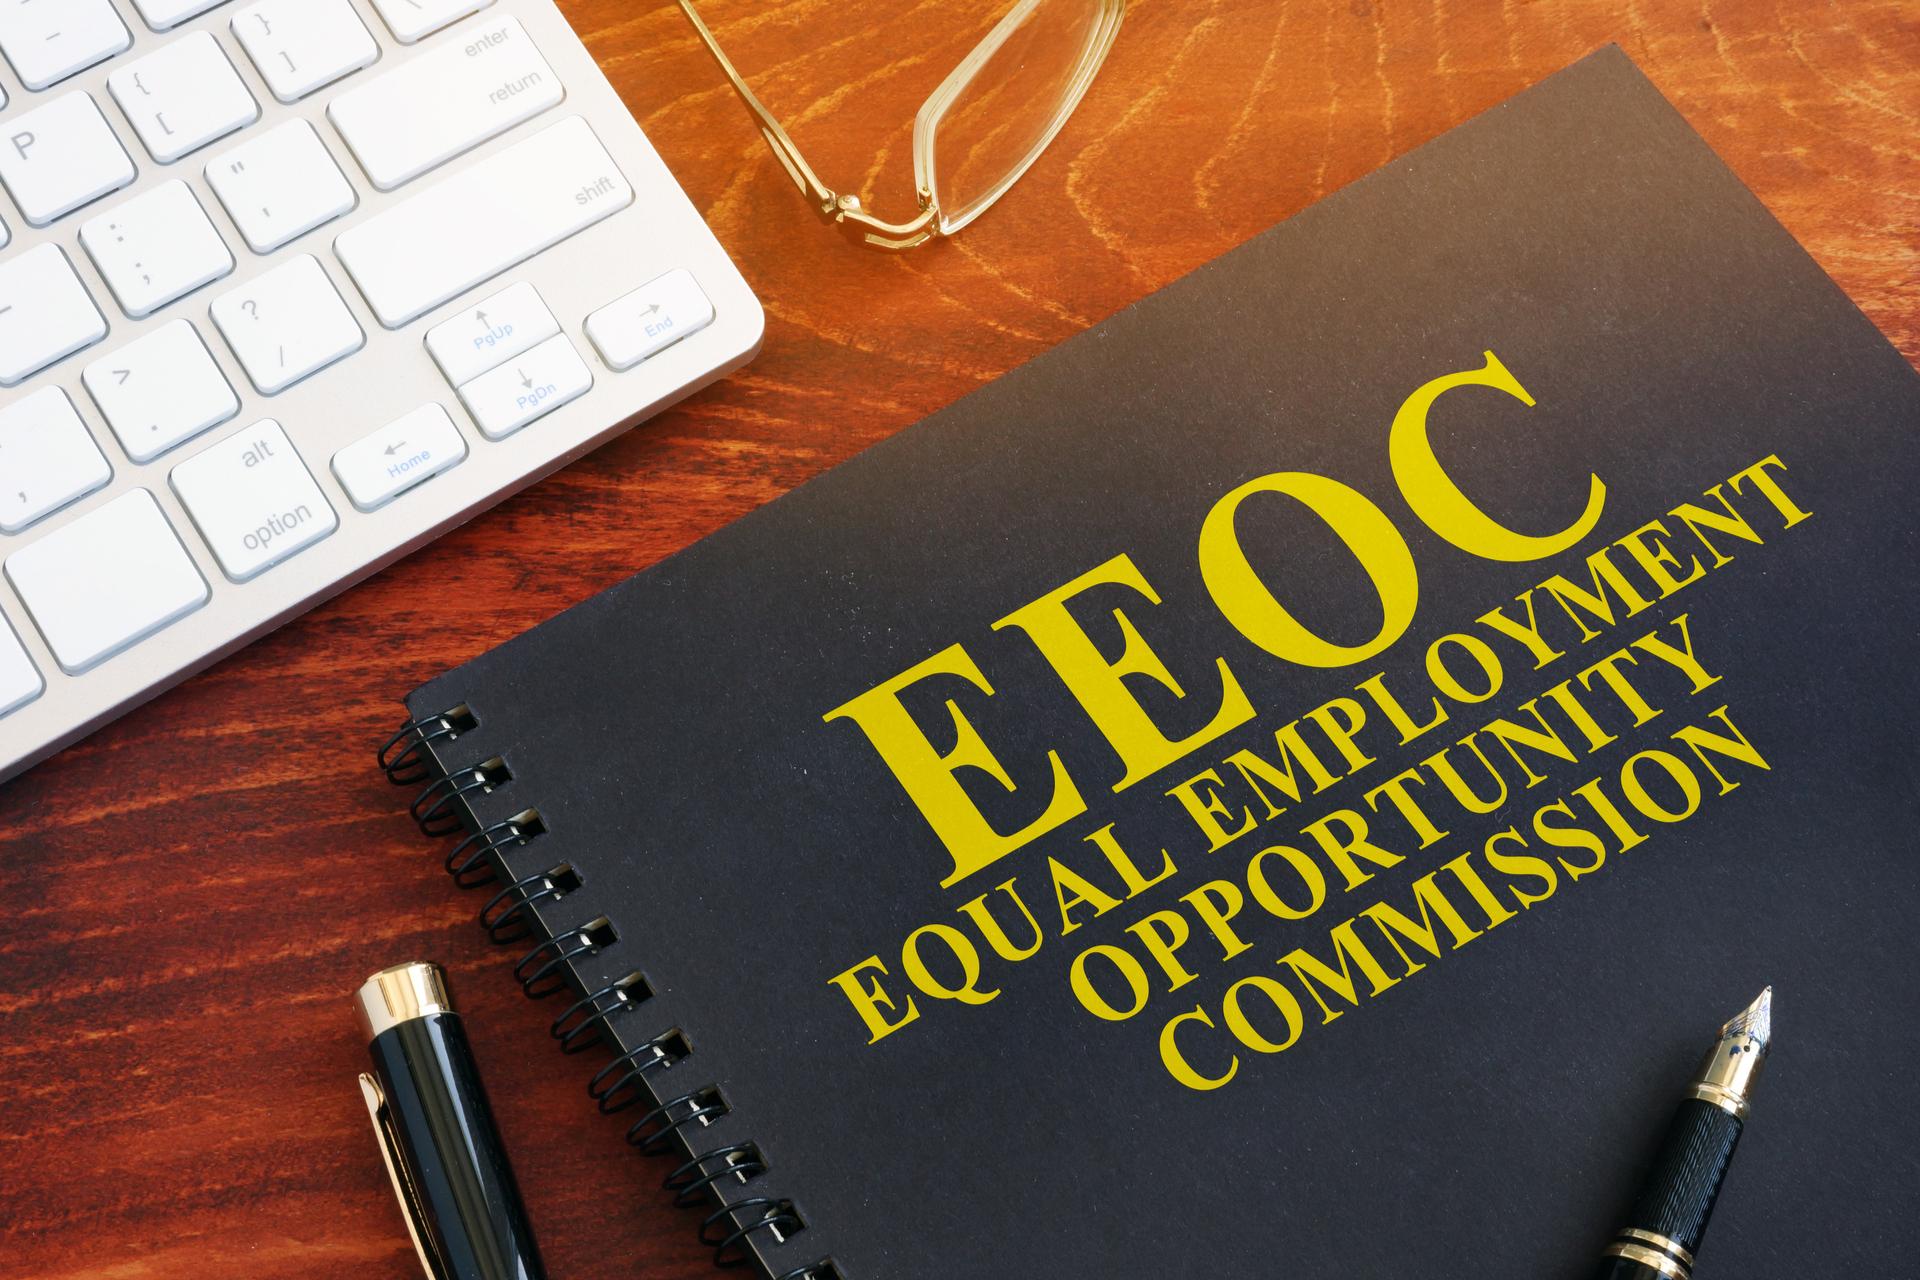 EEO-1 Reporting Deadline Extended